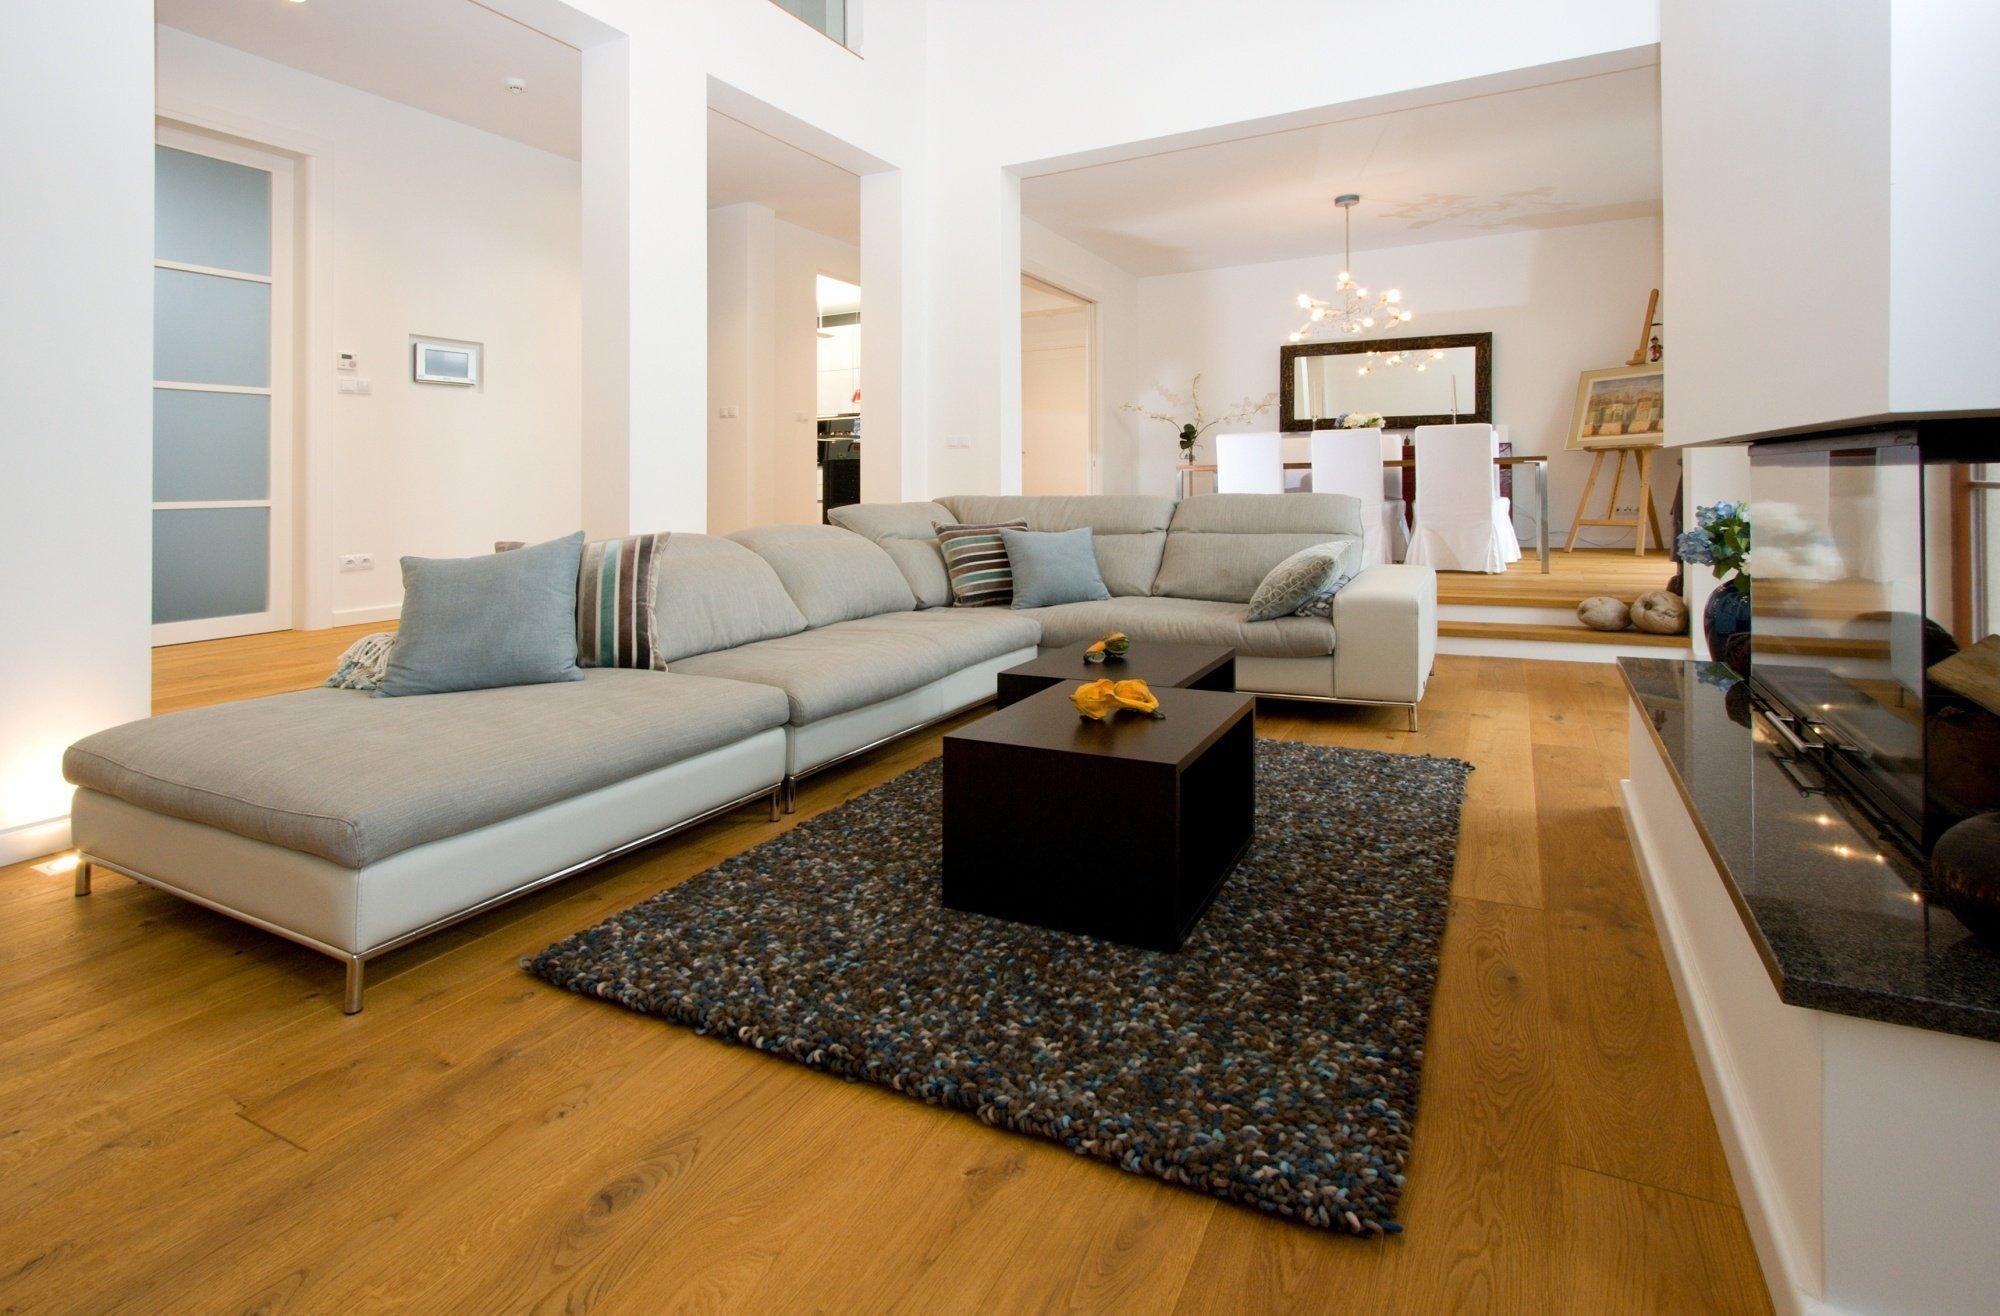 Kuchyň BEECK a vybavení interiéru rodinného domu. Provedení kuchyně je polygloss XENO 3062 X127 Arctic white, bezúchytkový systém nerez, doplňky Blanco,…